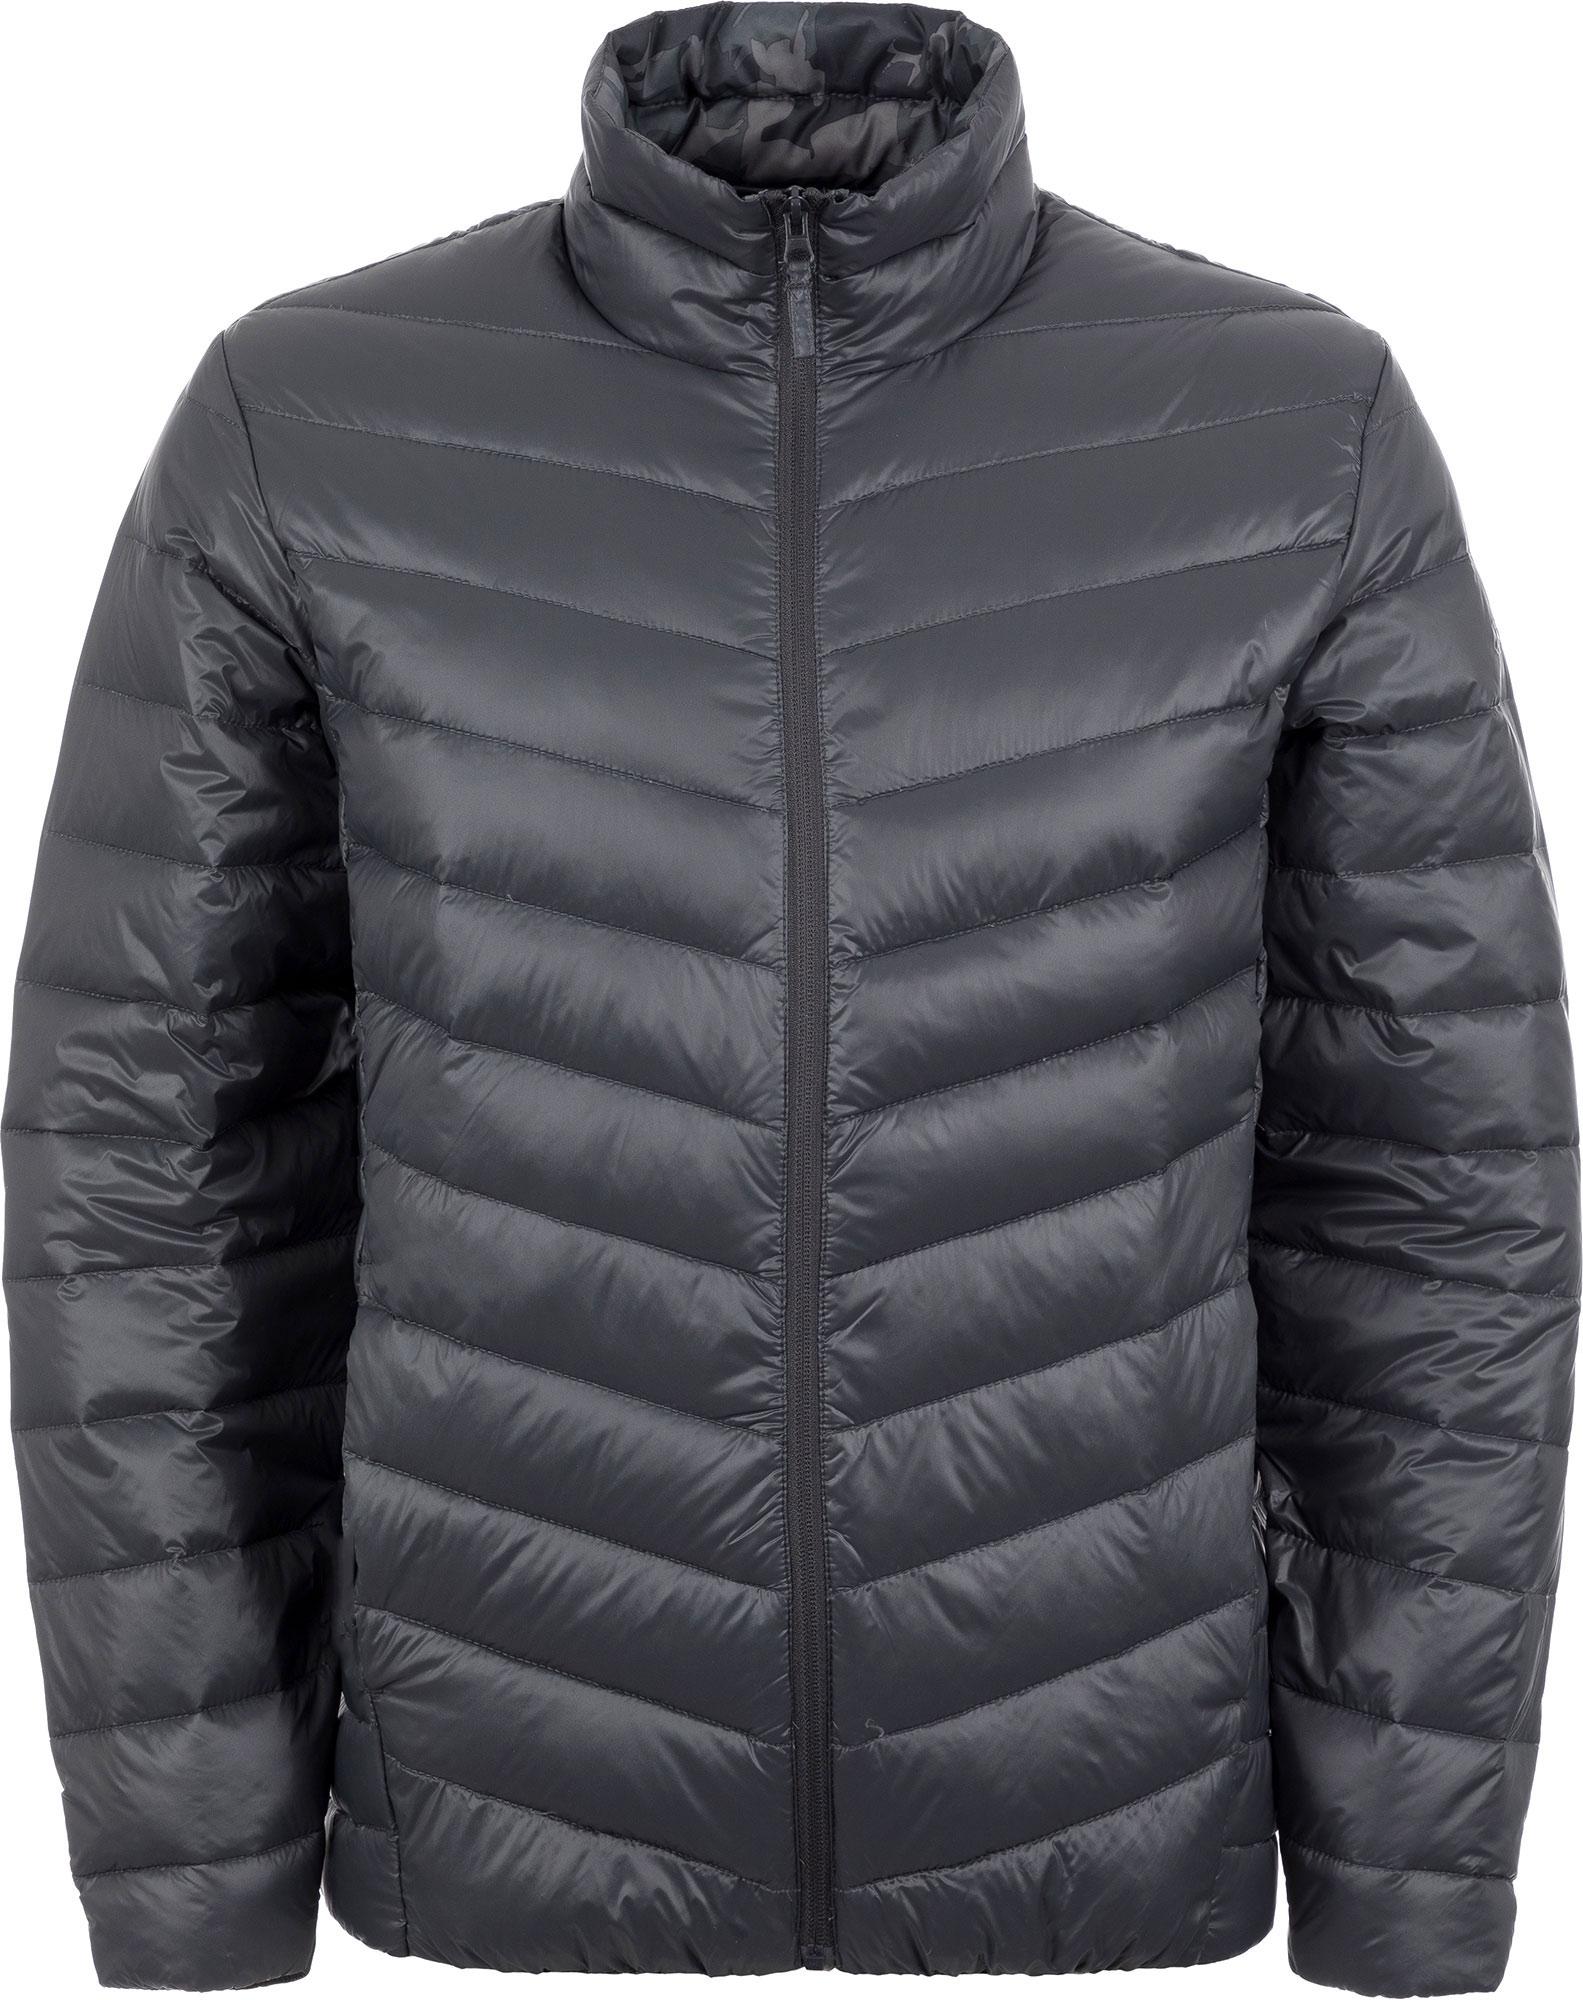 Outventure Куртка пуховая мужская Outventure, размер 46 цена